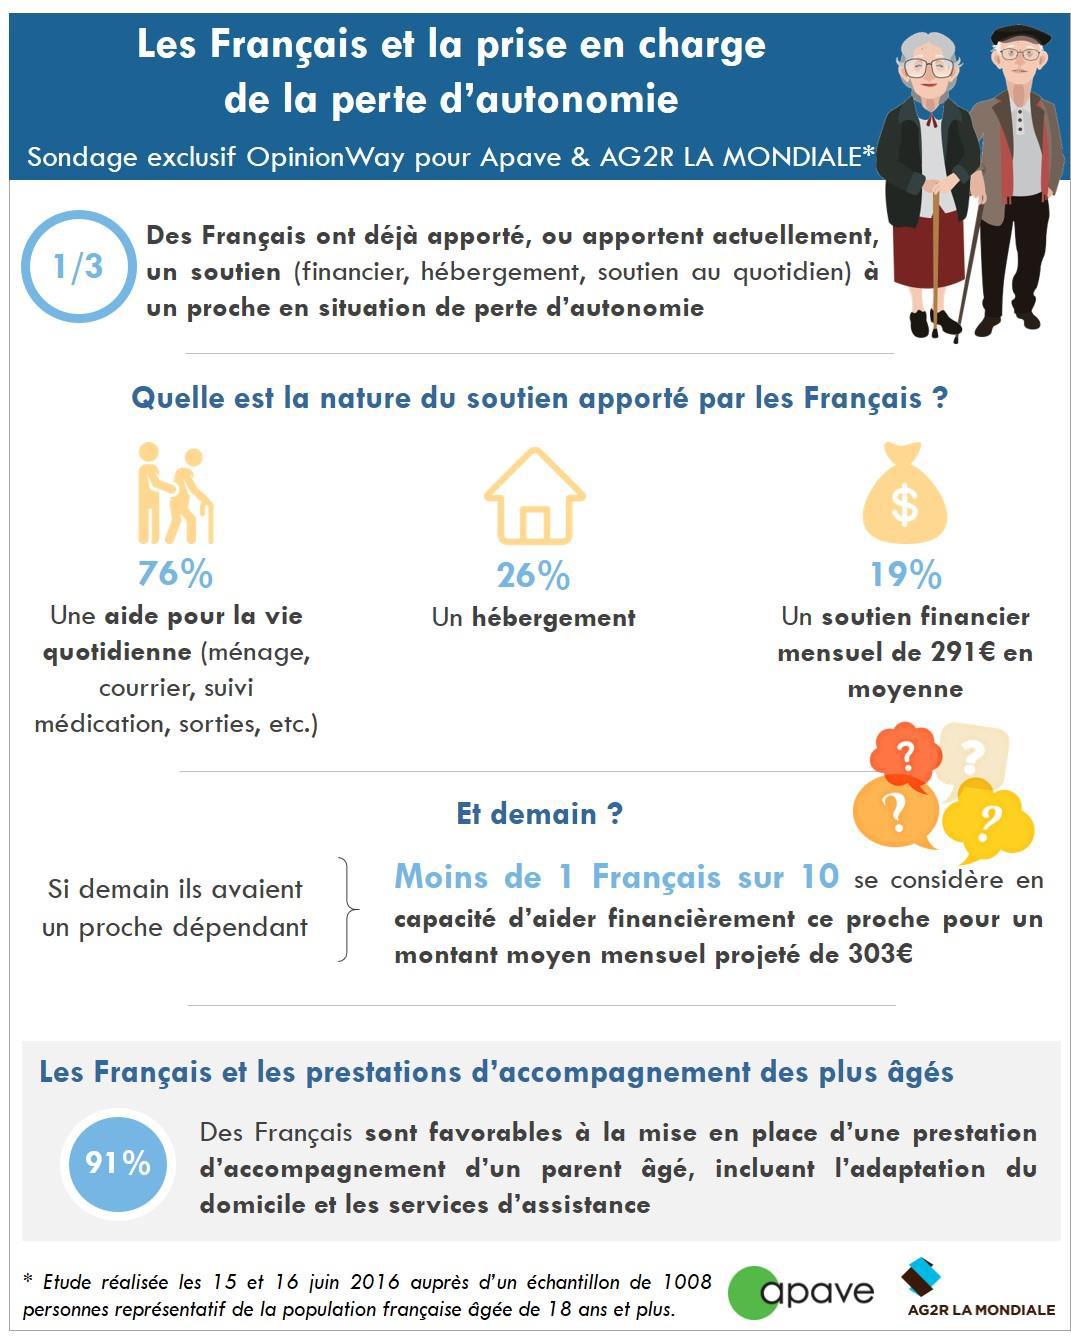 Sondage Opinionway Les Français et la prise en charge de la perte d'autonomie